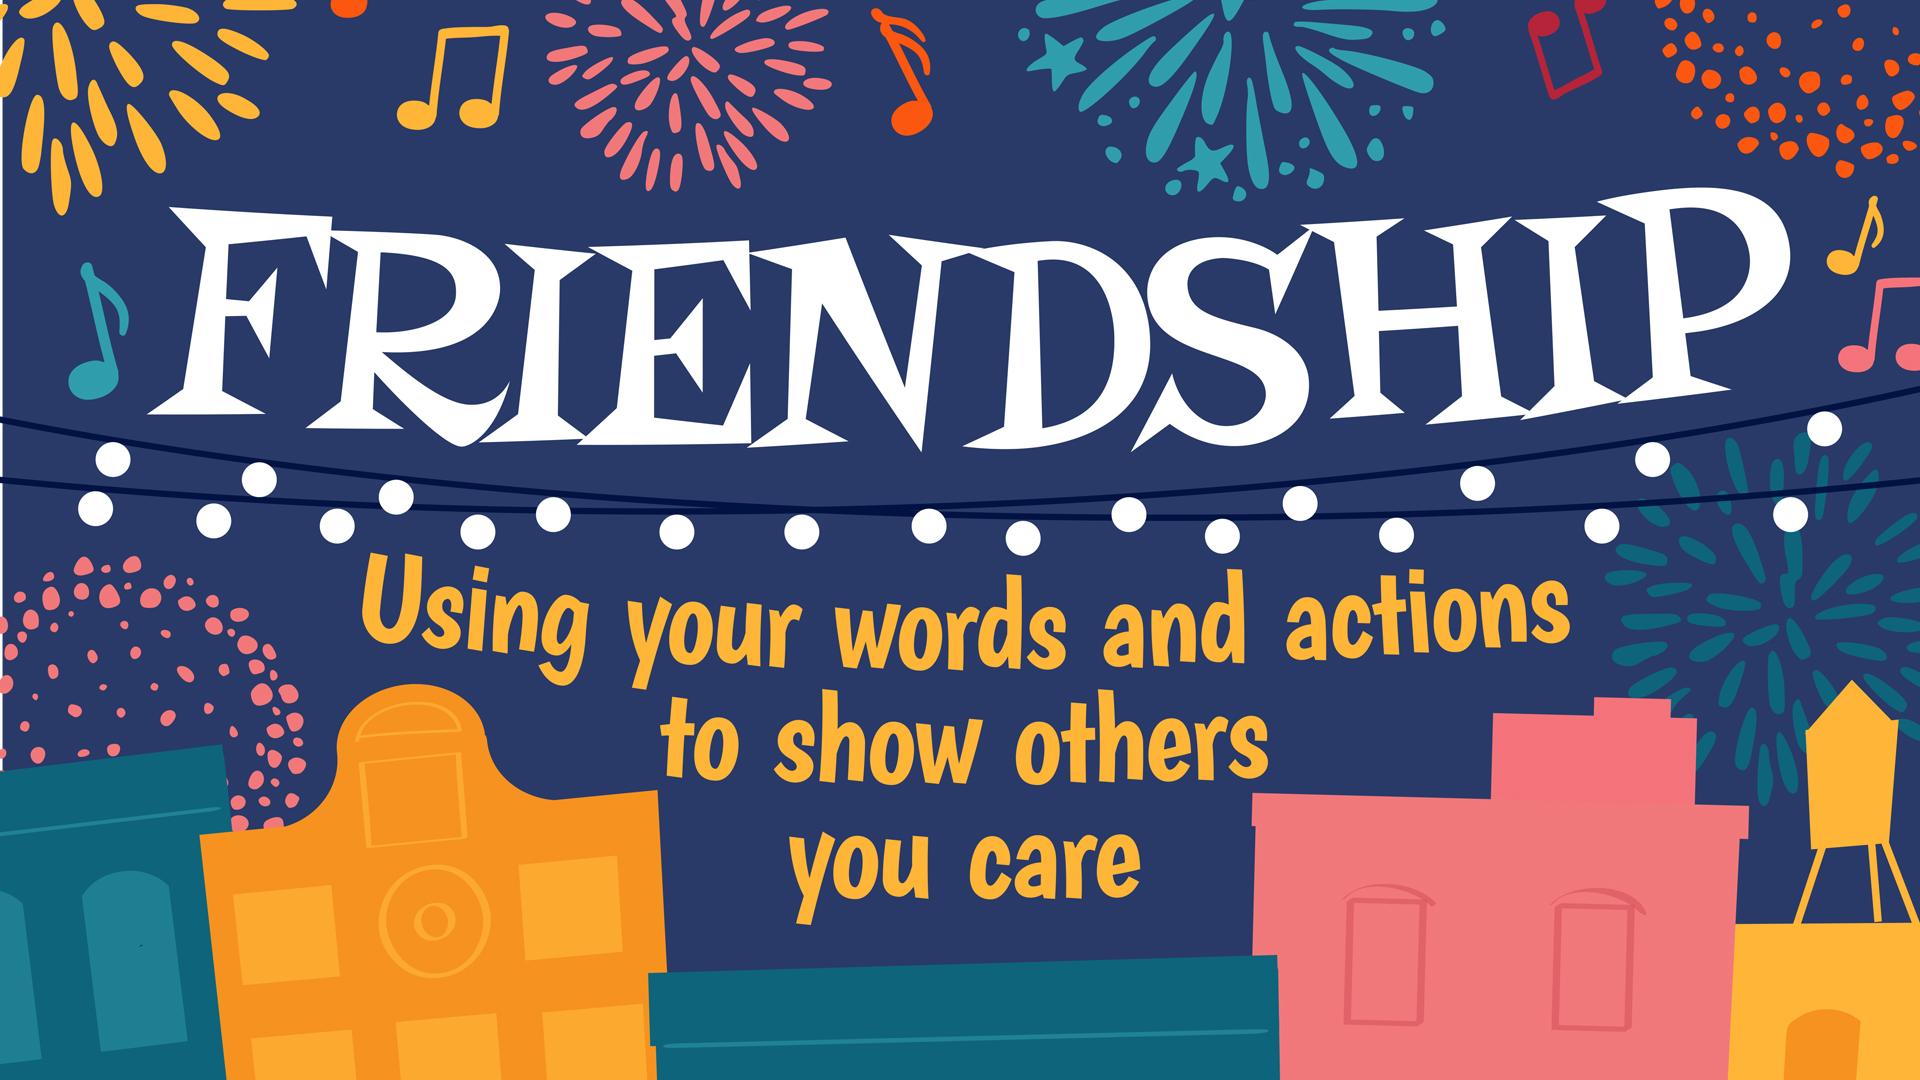 Friendship-1.jpg